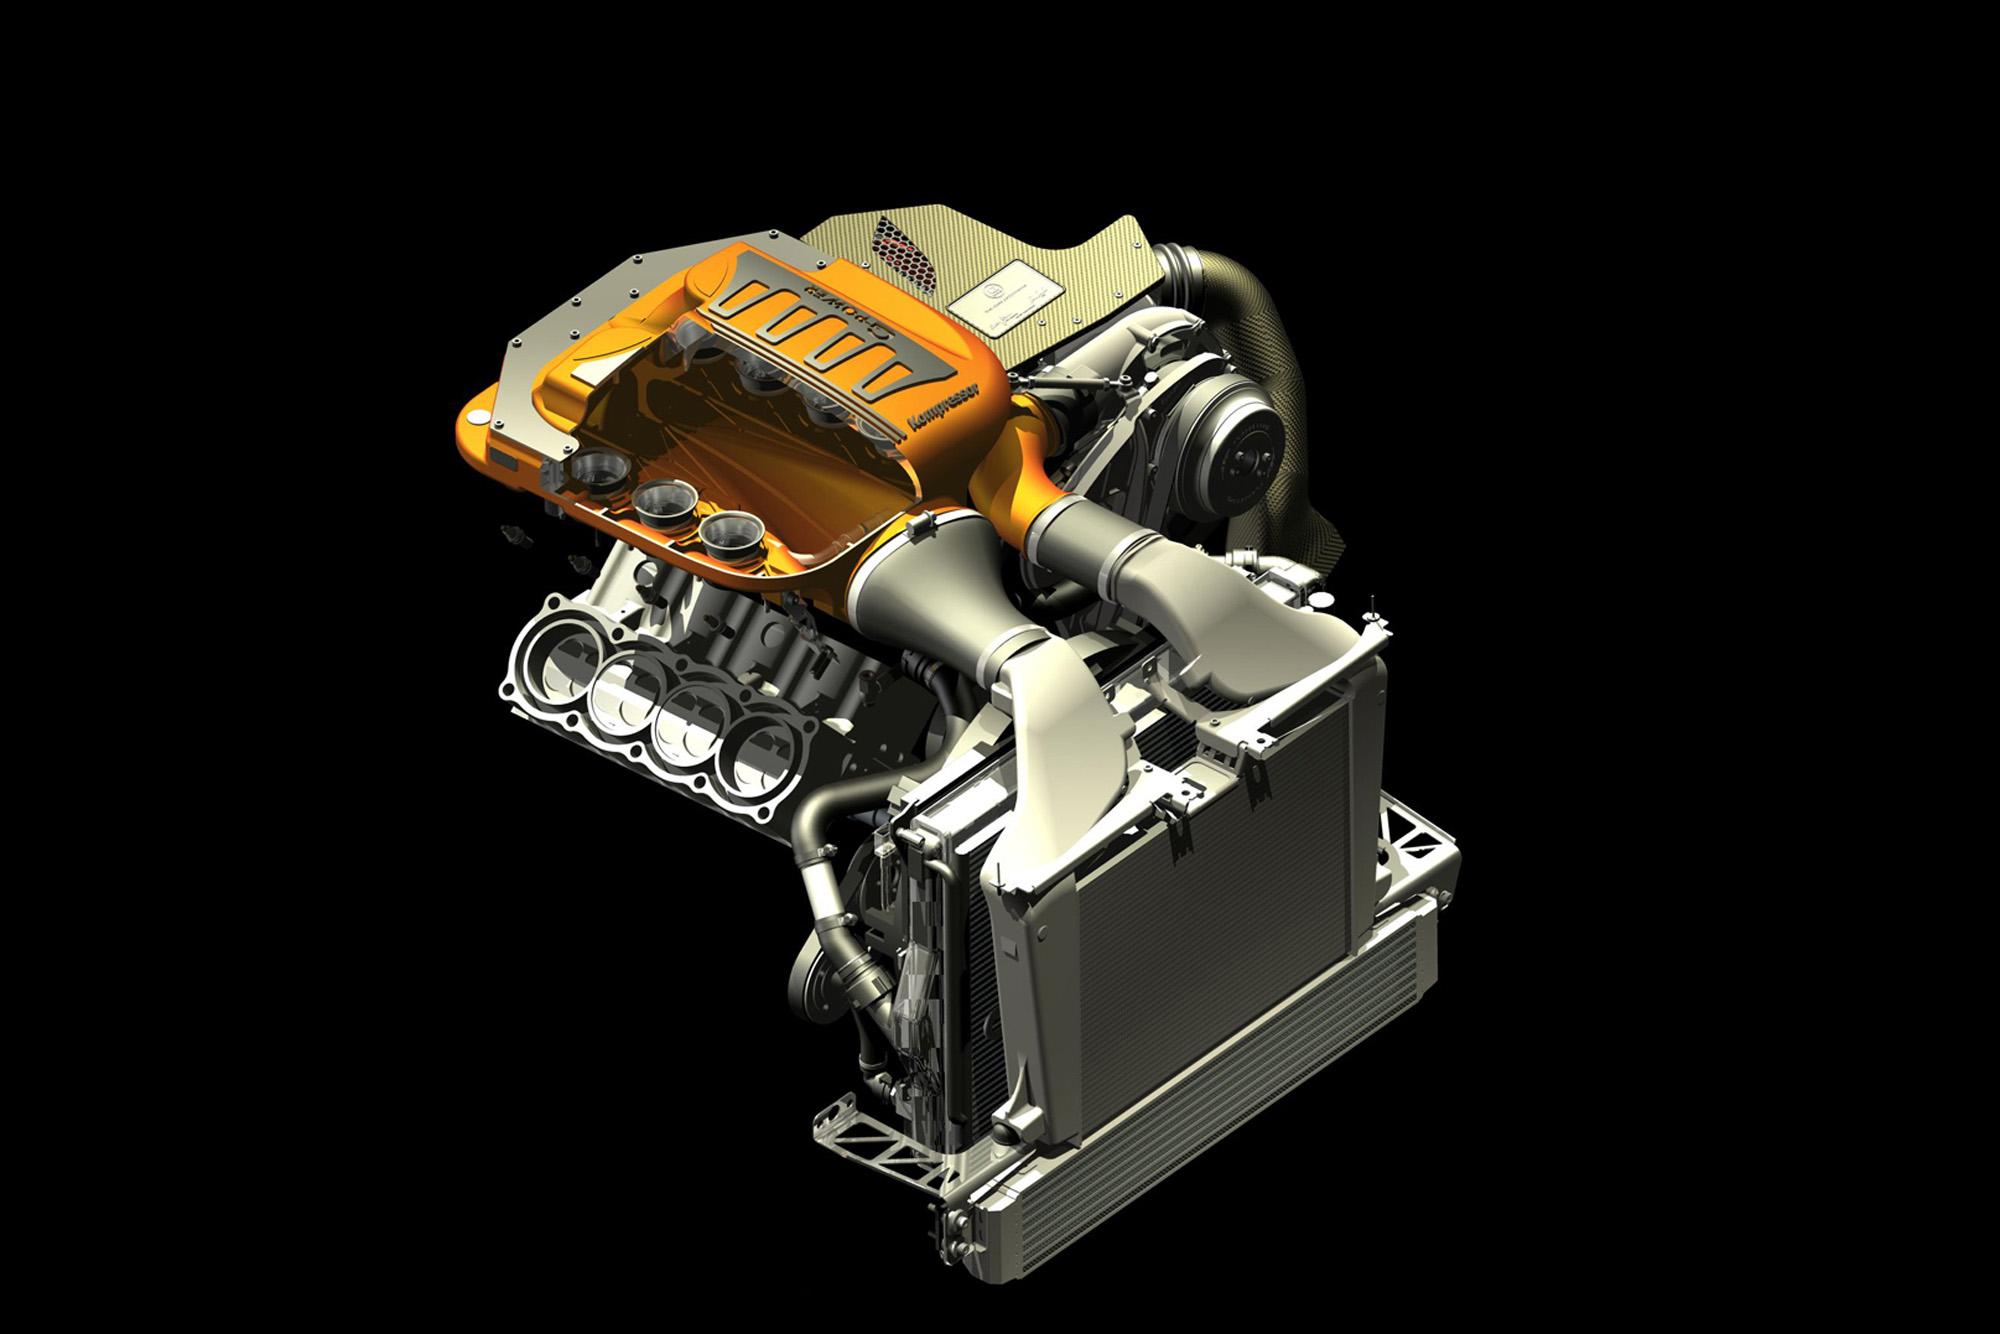 bmw-g-power-m3-e92-kompressor-05